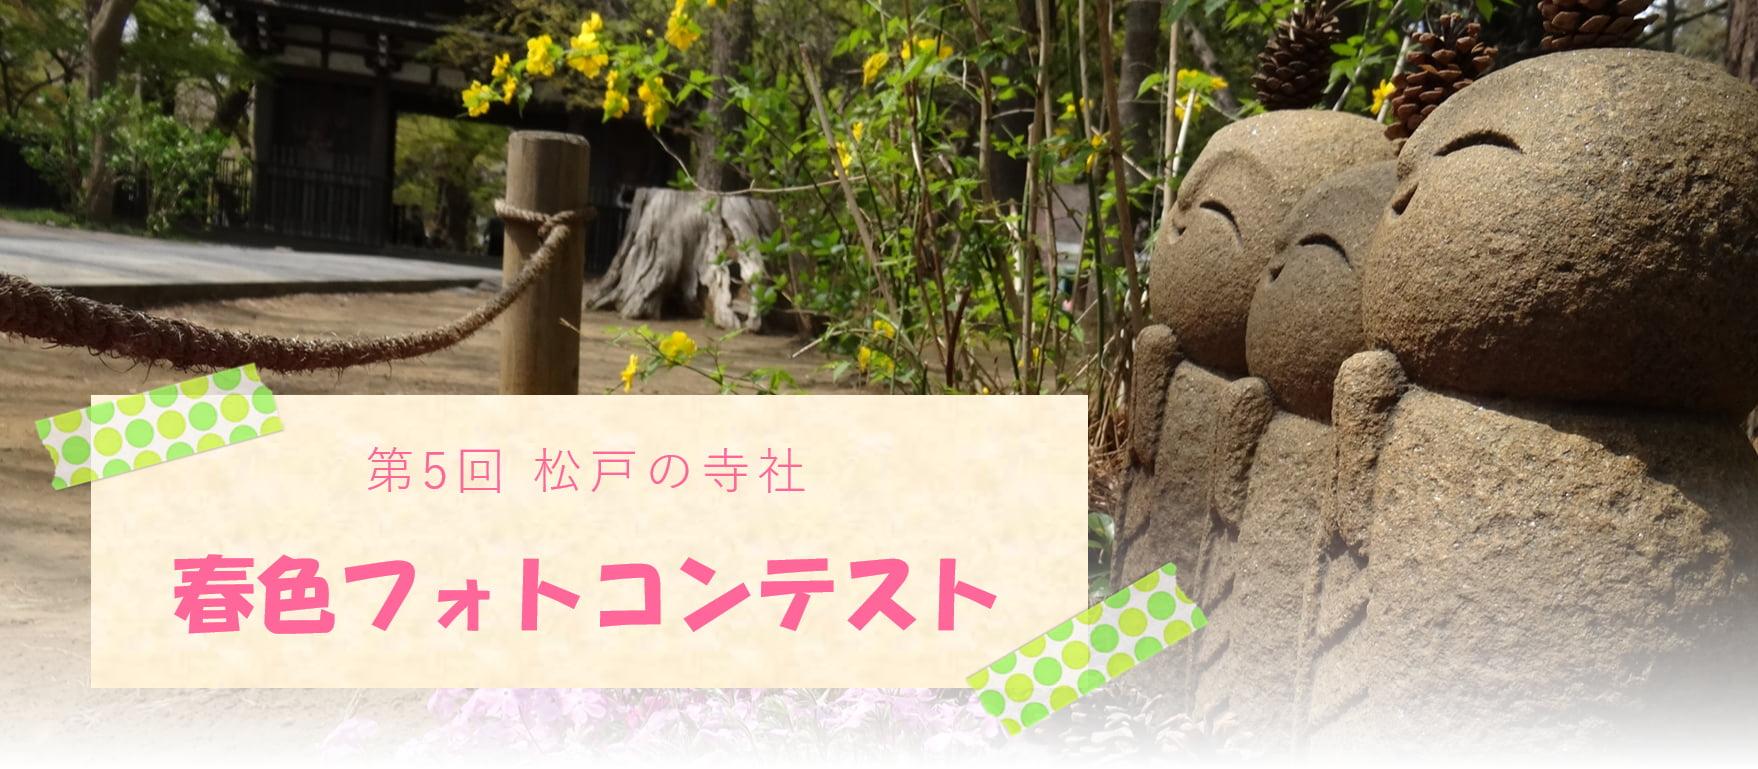 【受付終了】「第5回 松戸の寺社春色フォトコンテスト」開催のお知らせ